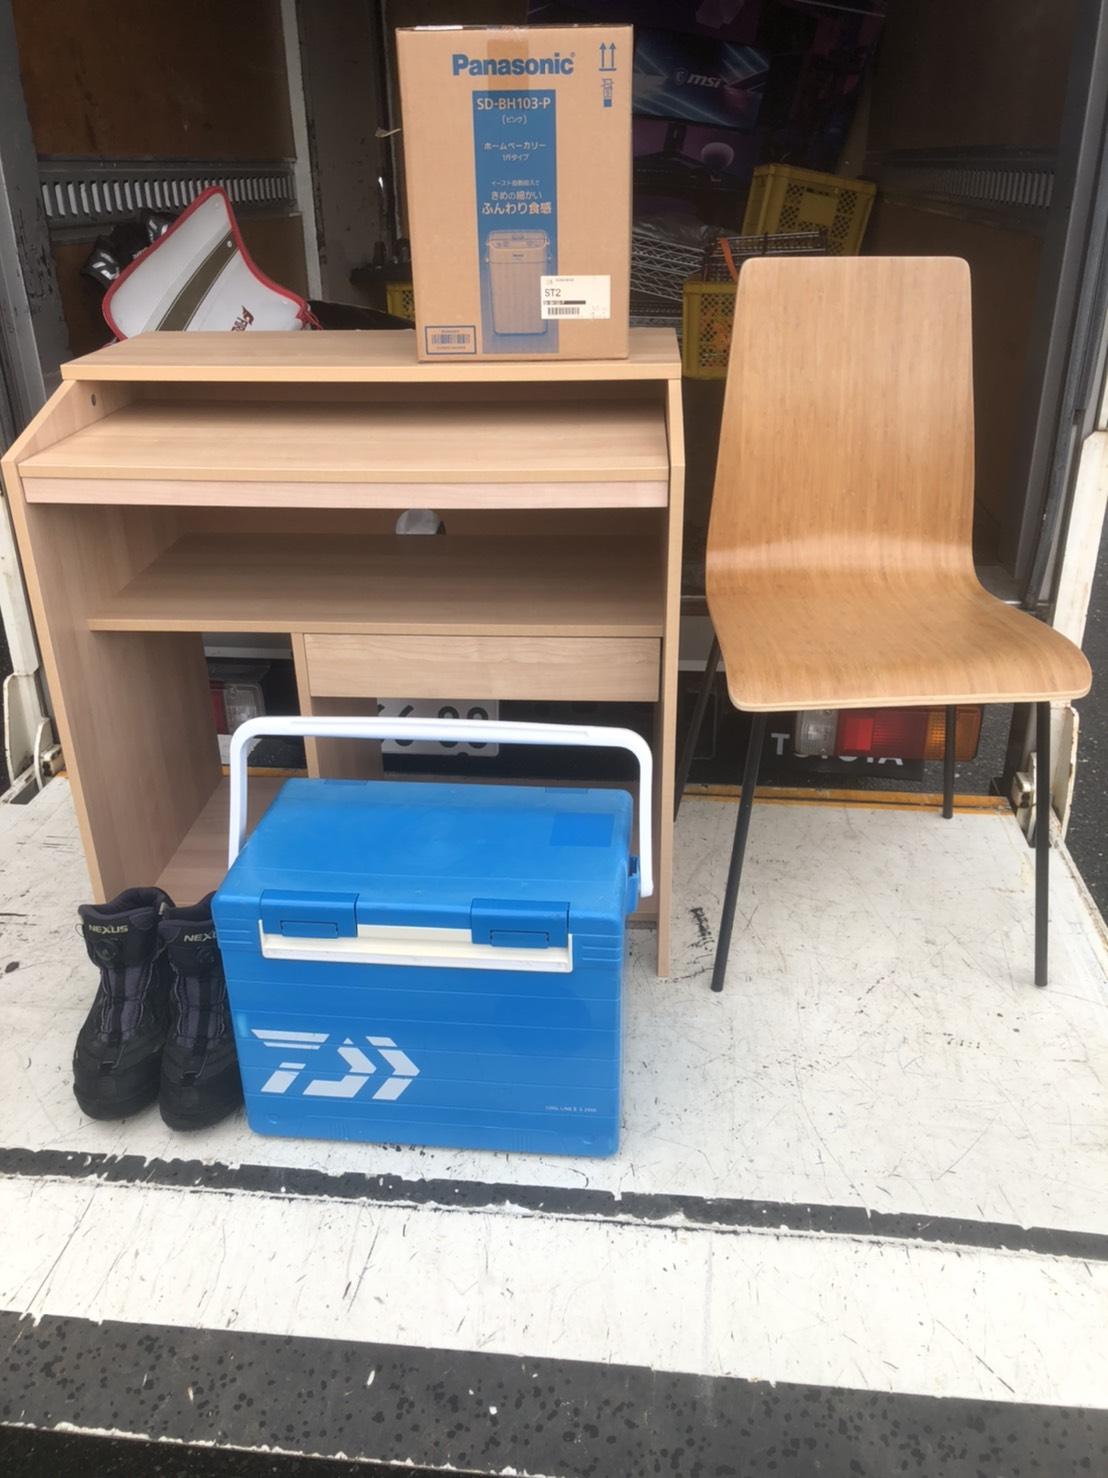 7/3★出張買取にて〈家具・食器・釣具〉買取させていただきました‼️ #出張買取 #マンガ倉庫 #武雄店 #家具 #買取 #家電 #大型 ★